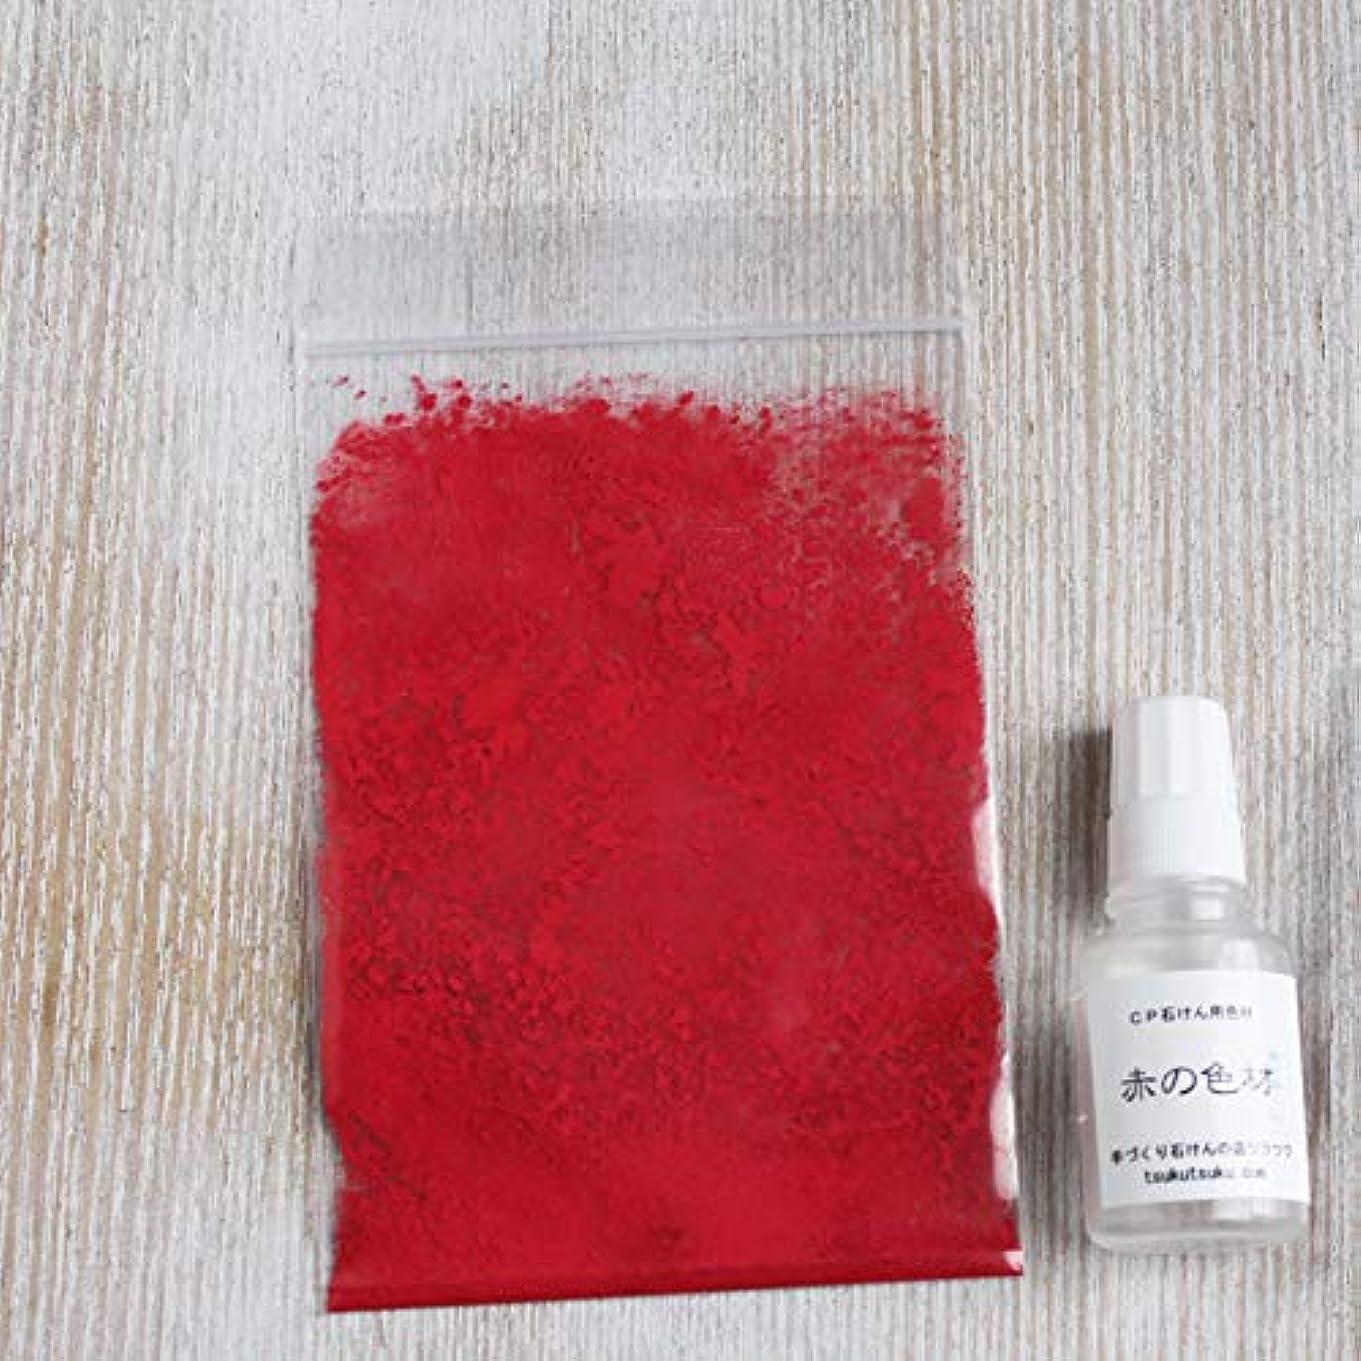 捕虜毒性トレーダーCP石けん用色材 赤の色材キット/手作り石けん?手作り化粧品材料